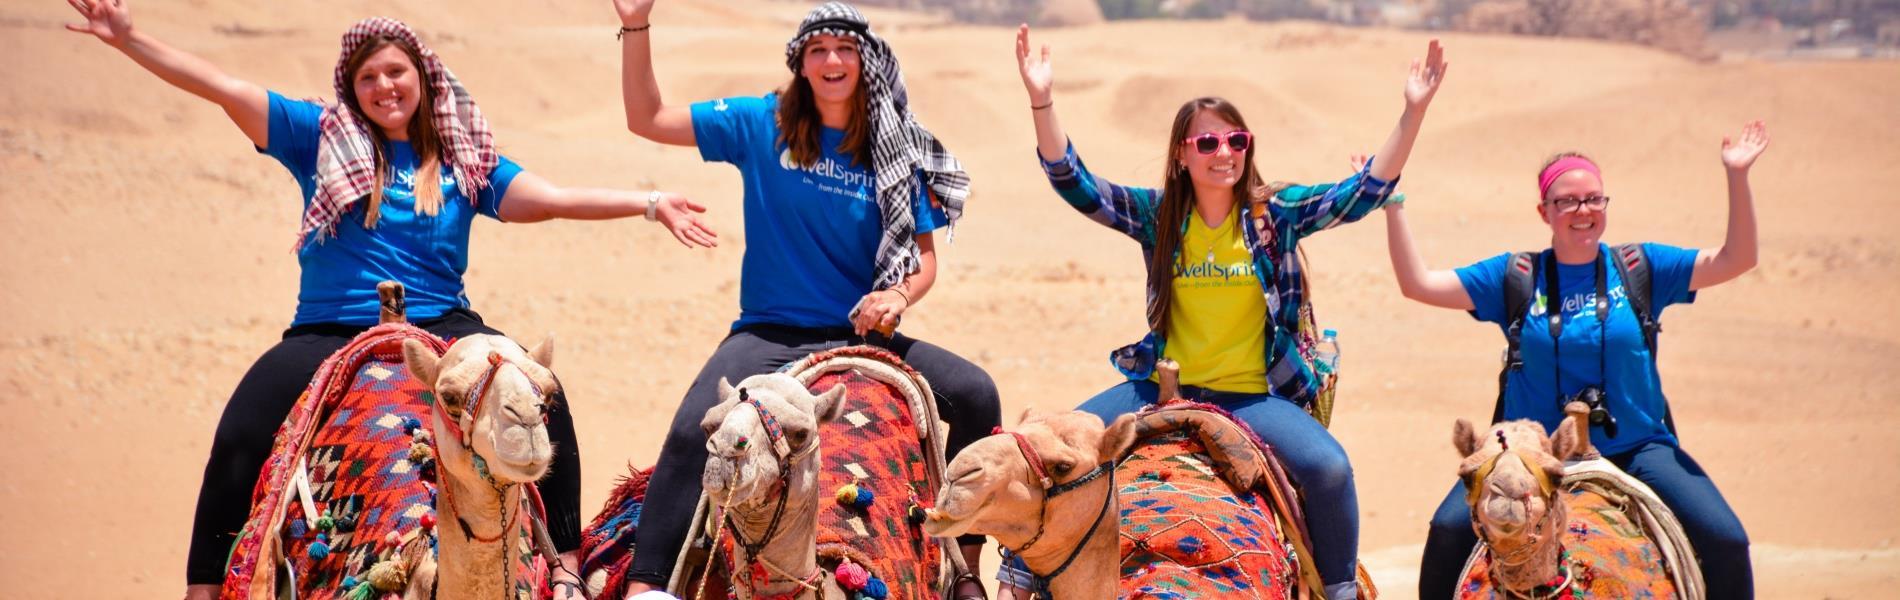 CamelsCairn